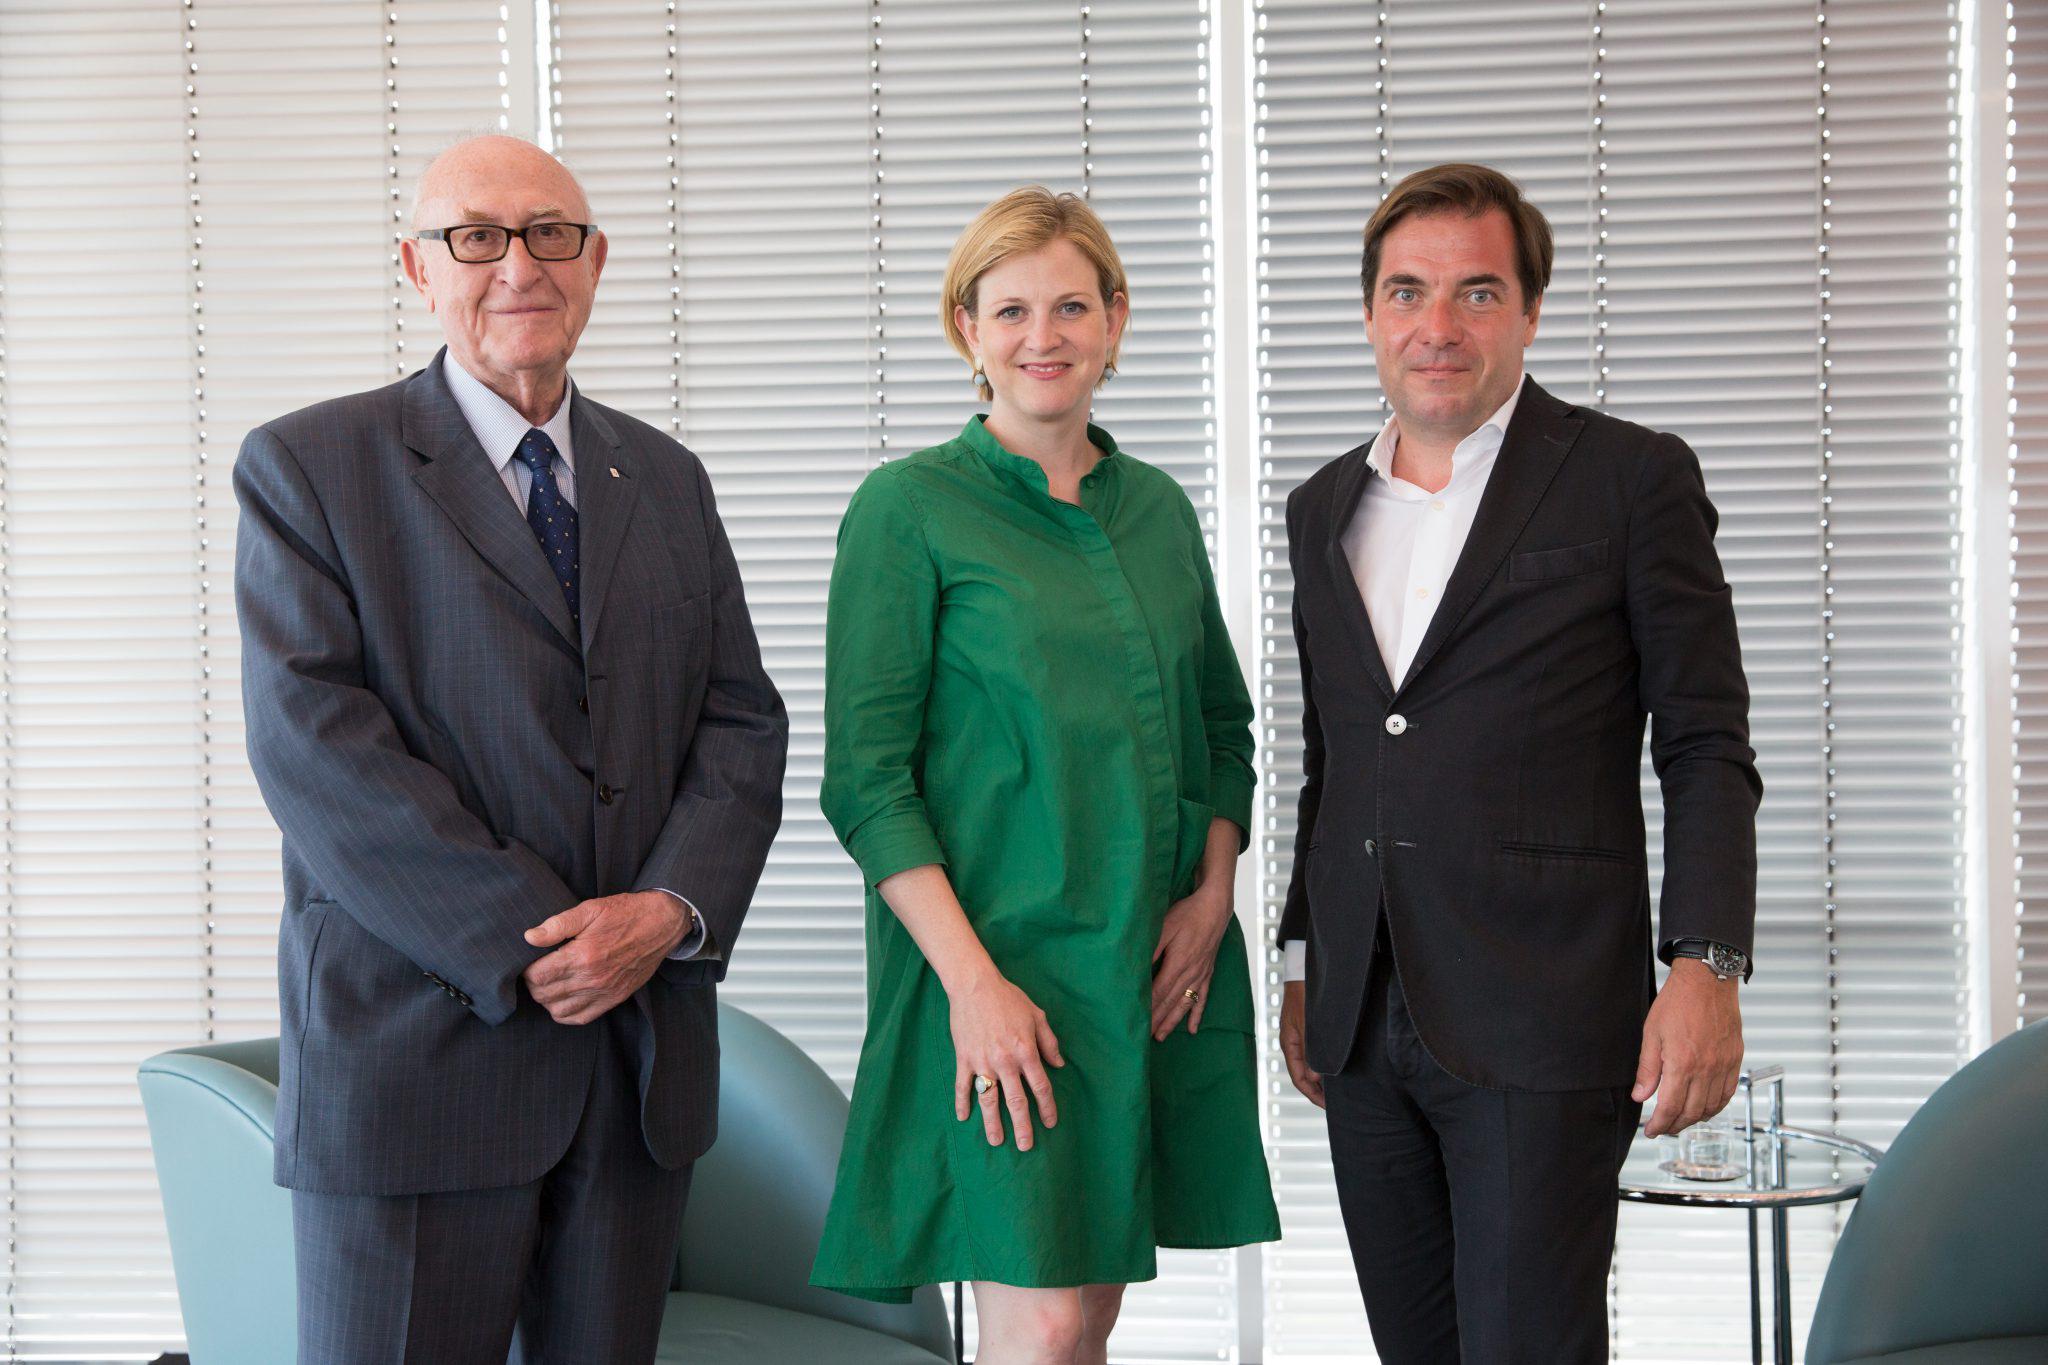 """""""Gespräch im Turm"""" with (from left) Dr. Günter Geyer, Chairman of the Managing Board of Wiener Städtische Versicherungsverein, NEOS-Chairwoman Beate Meinl-Reisinger and """"Die Presse"""" chief editor Rainer Nowak. © Stanislav Kogiku"""